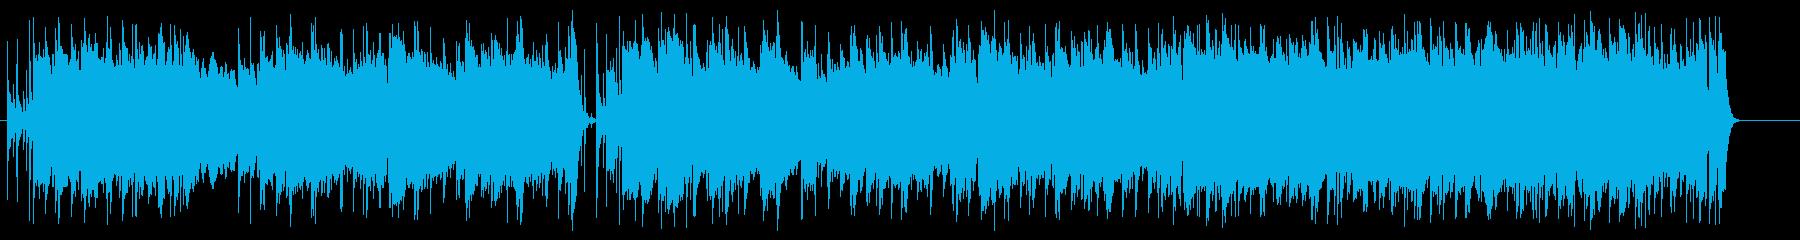 哀愁のニューミュージック風タイトバラードの再生済みの波形